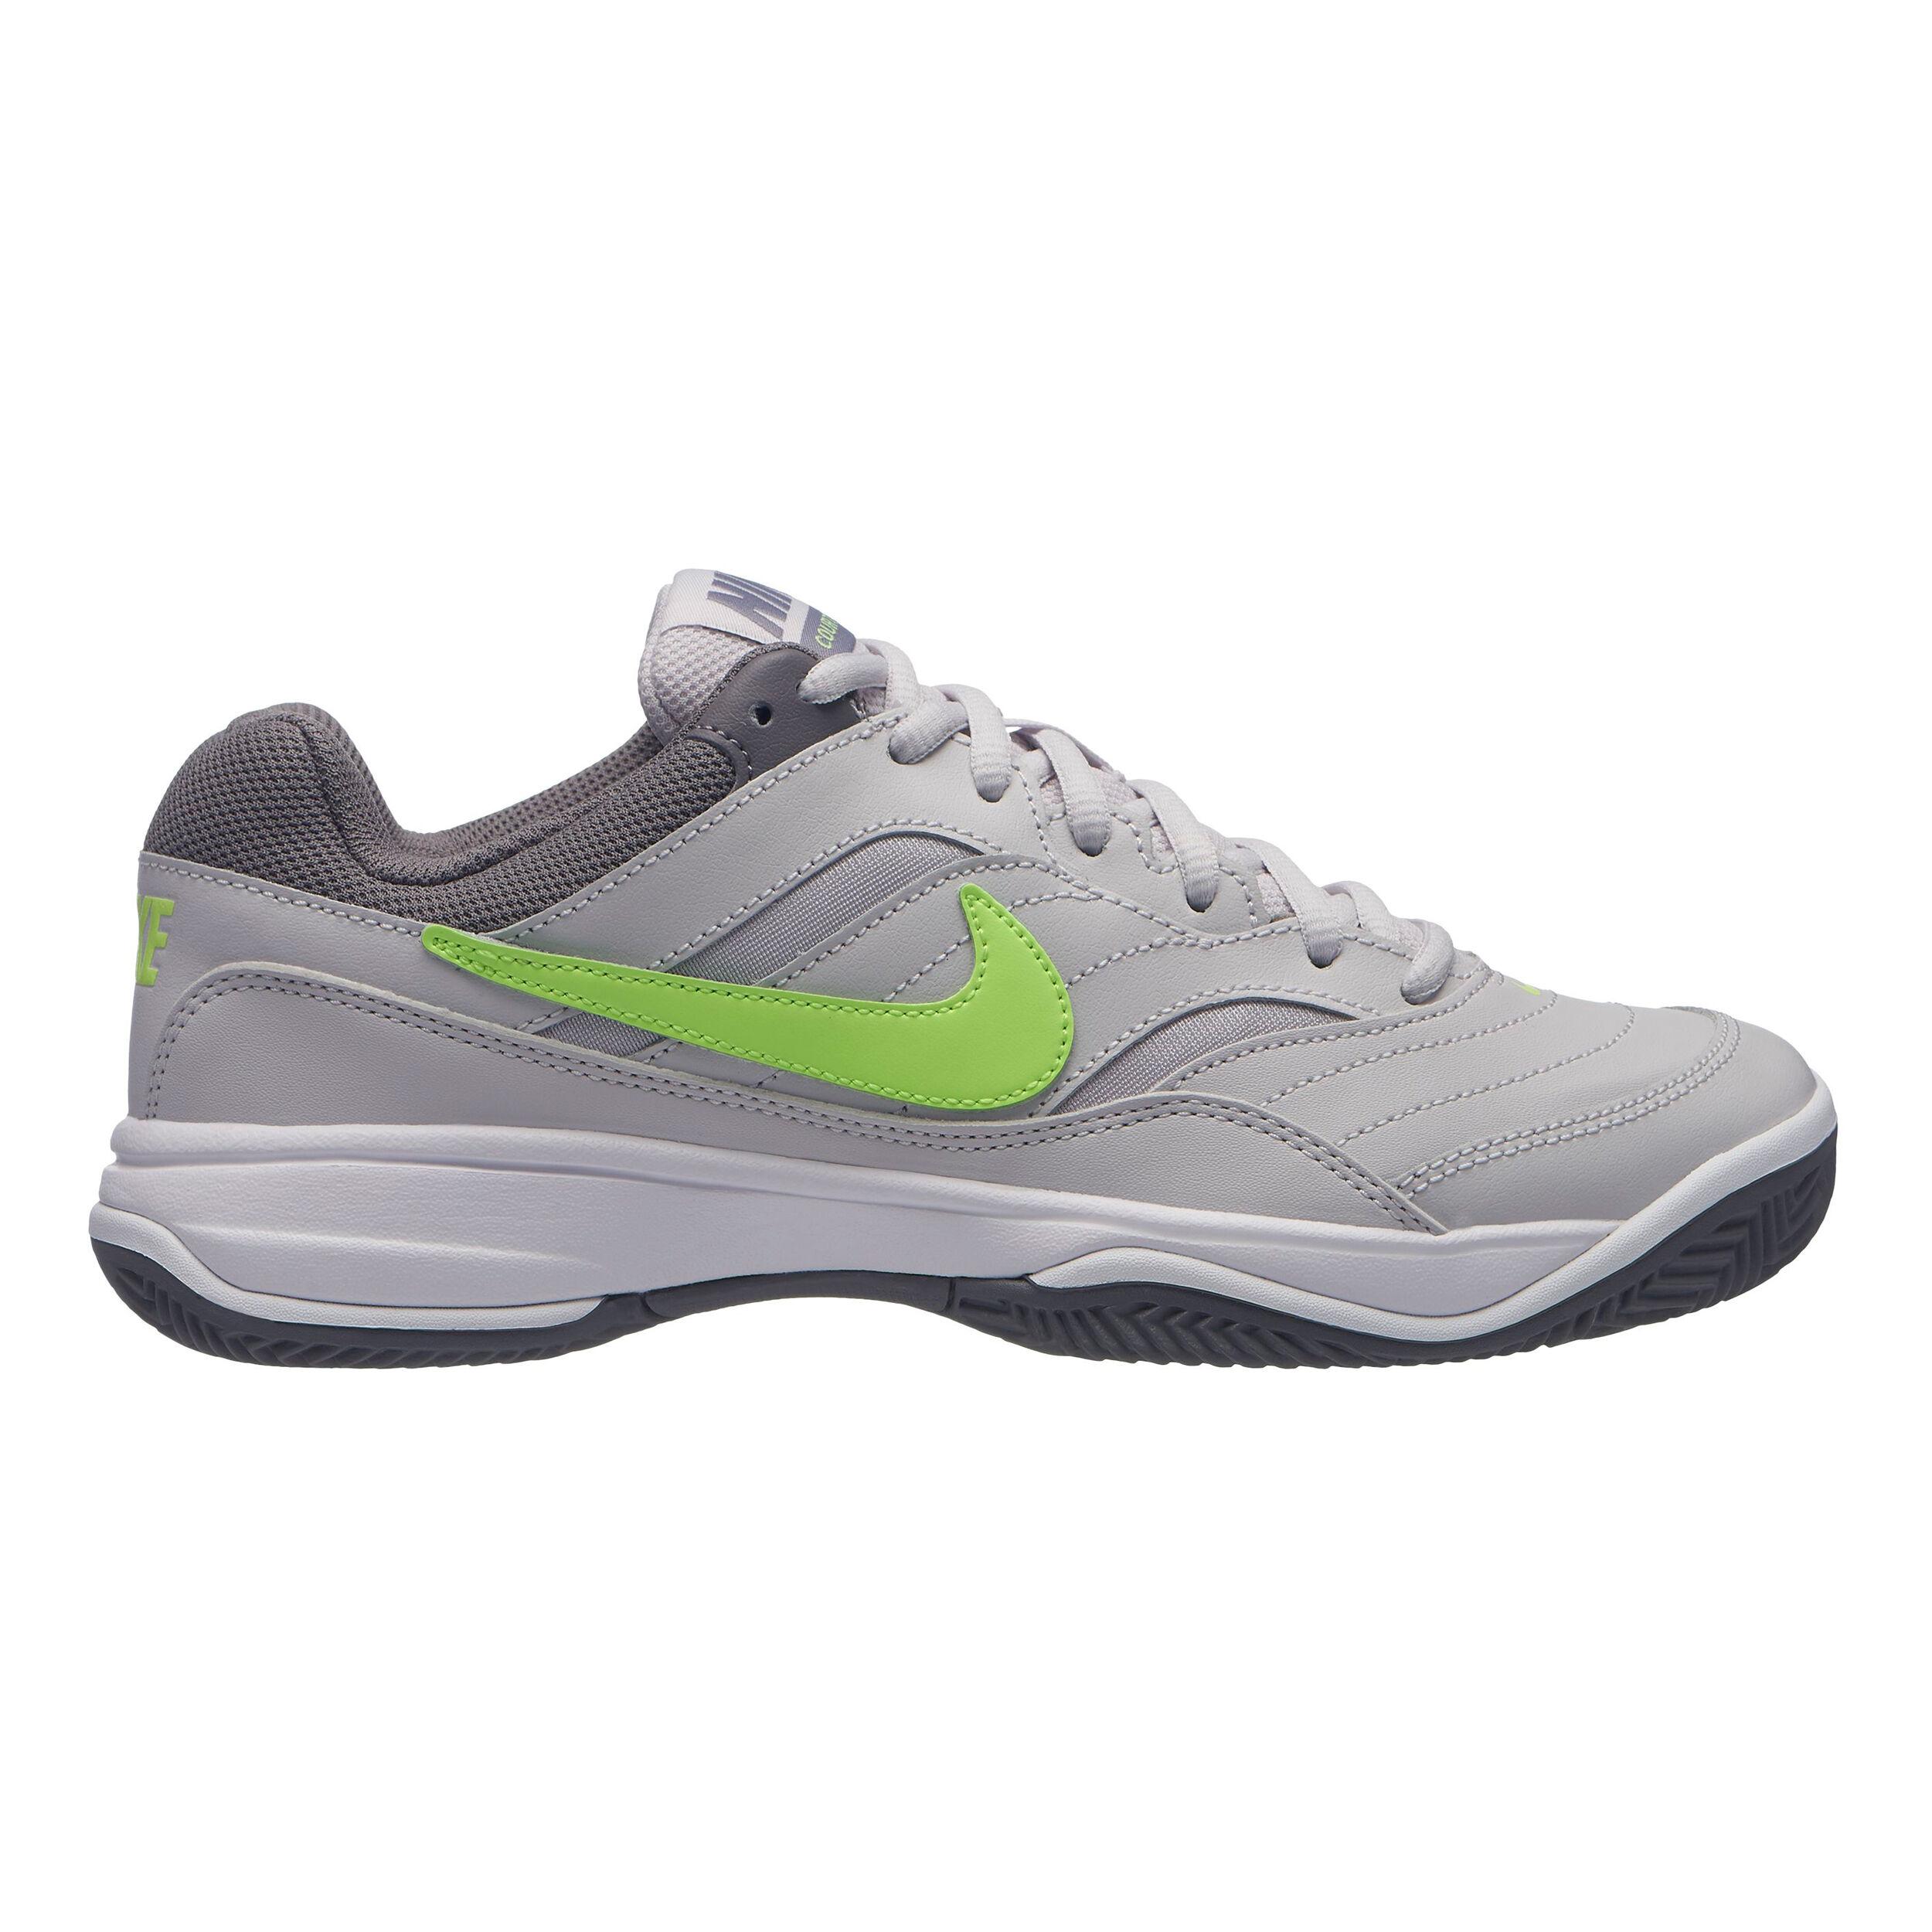 Court Battue Fluo Femmes Nike Gris Lite Terre Clay Chaussure ClairJaunes jULqSMVzpG